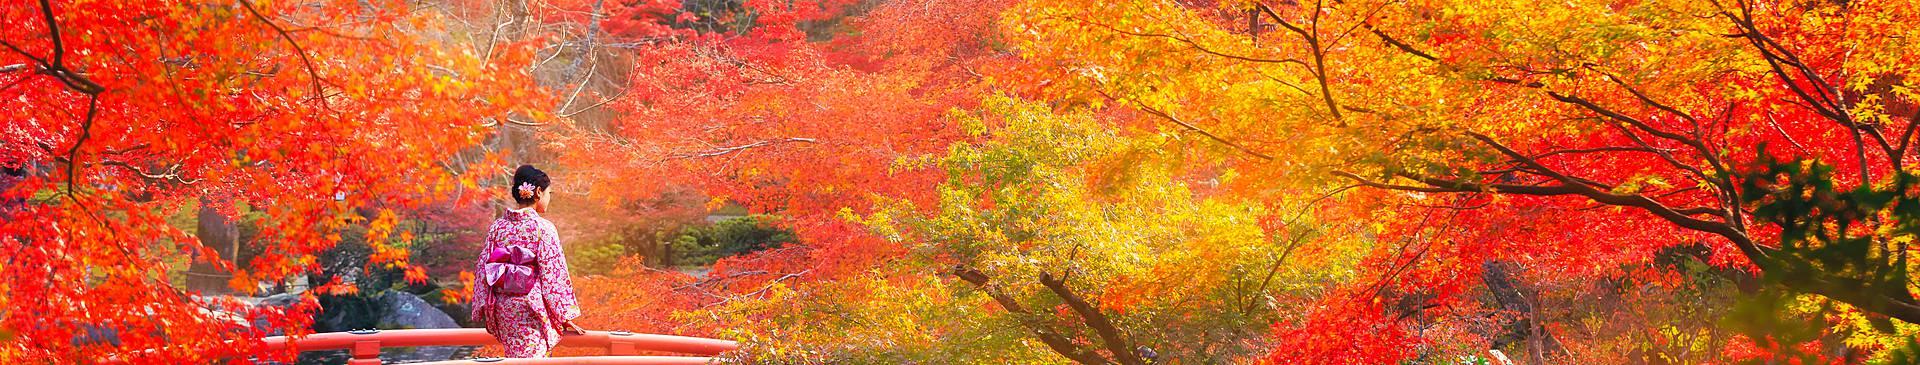 Viaggi in Giappone in autunno